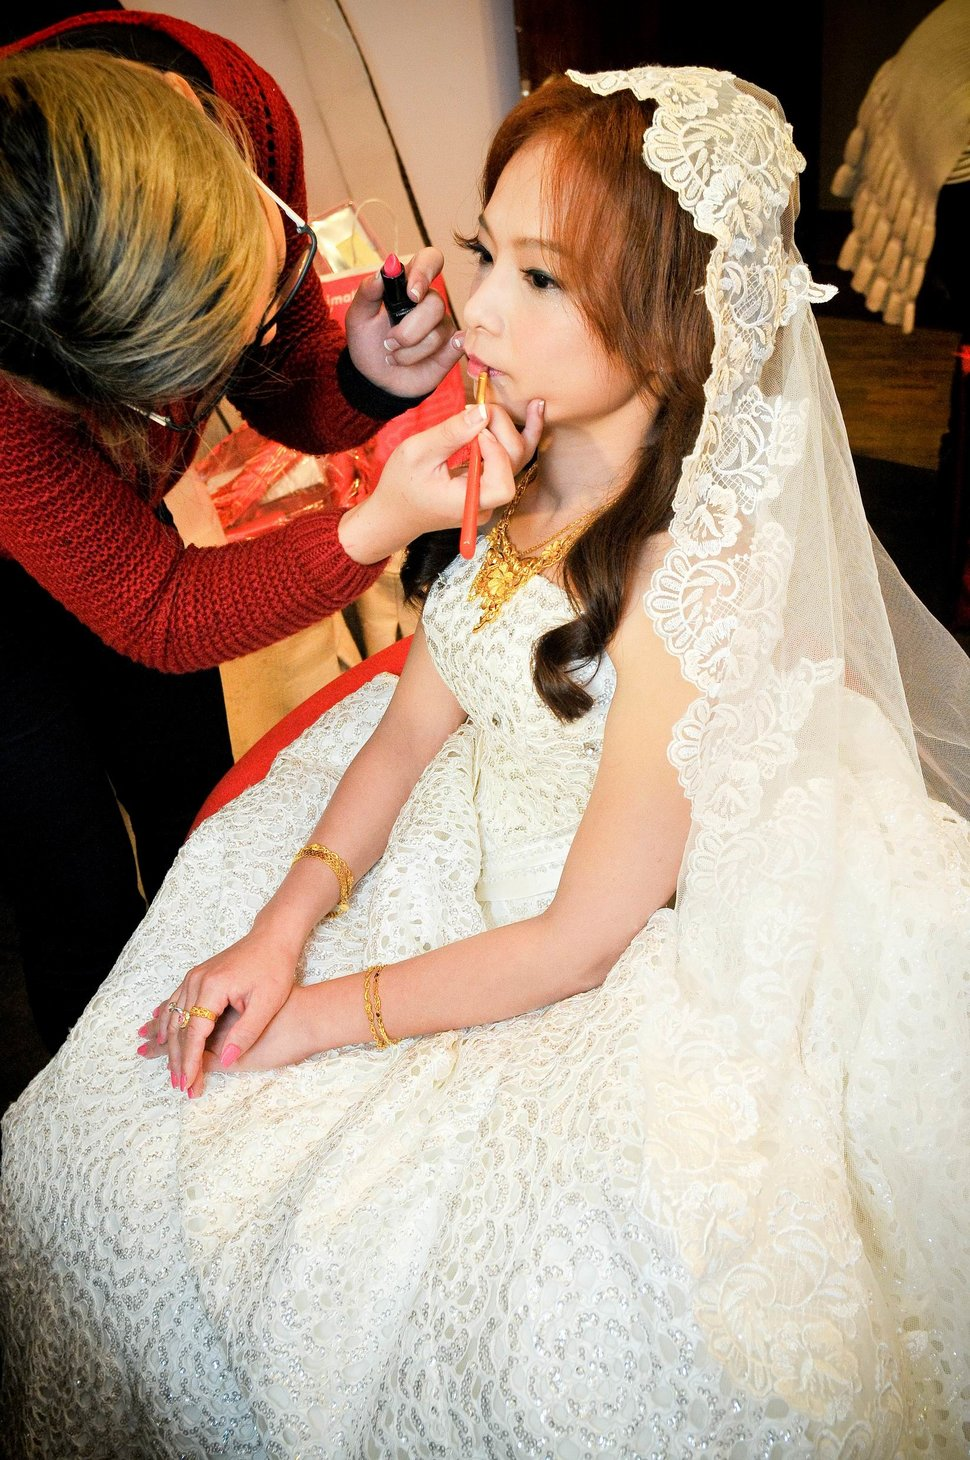 龍和餐廳結婚迎娶儀式晚宴婚禮記錄動態微電影錄影專業錄影平面攝影婚攝婚禮主持人(編號:272526) - 蜜月拍照10800錄影12800攝影團隊 - 結婚吧